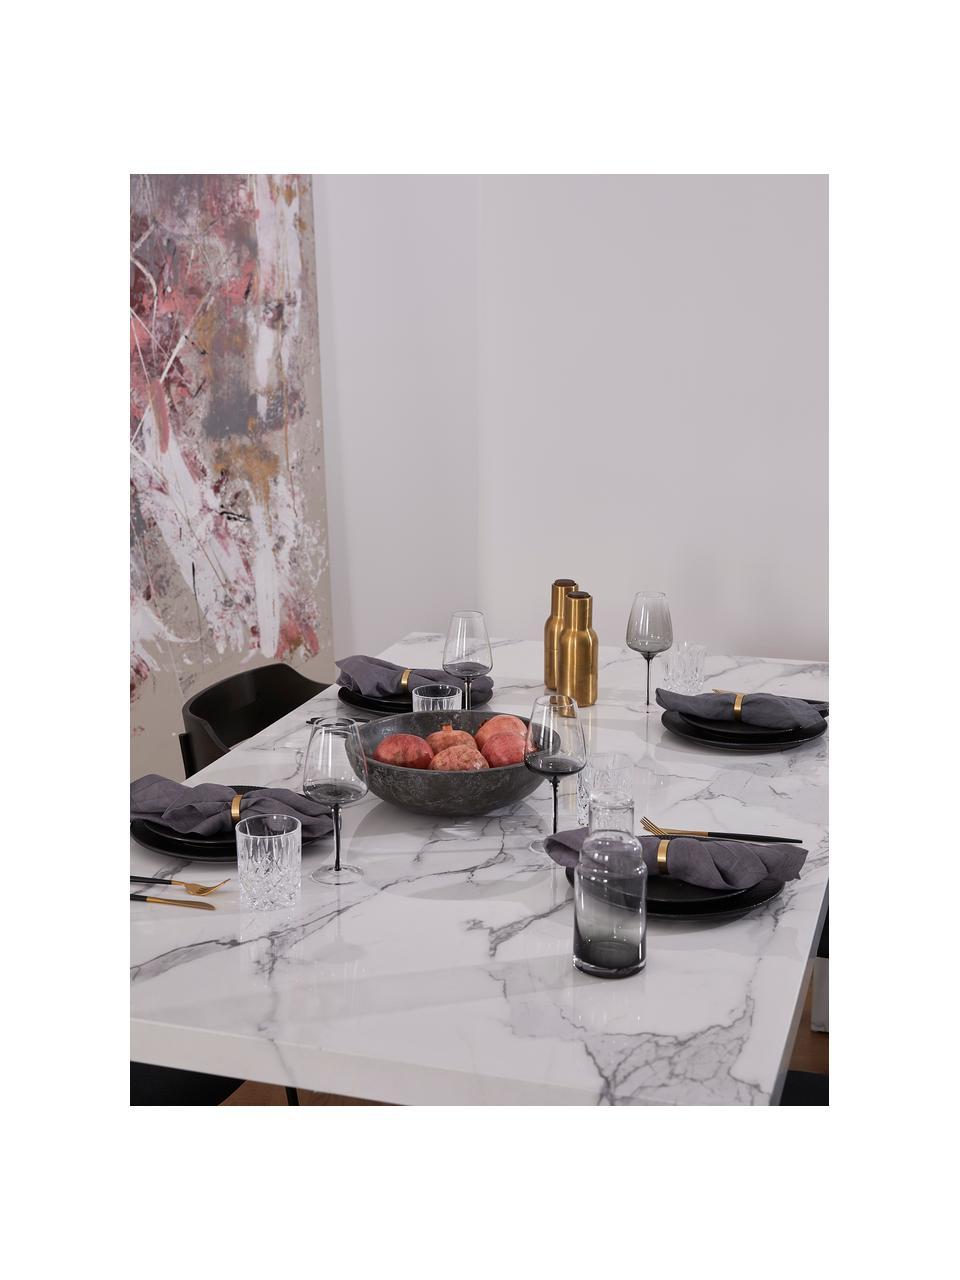 Esstisch Carl in Marmoroptik, 180 x 90 cm, Mitteldichte Holzfaserplatte (MDF), mit lackbeschichtetem Papier in Marmoroptik überzogen, Weiß, glänzend in Marmor-Optik, B 180 x T 90 cm